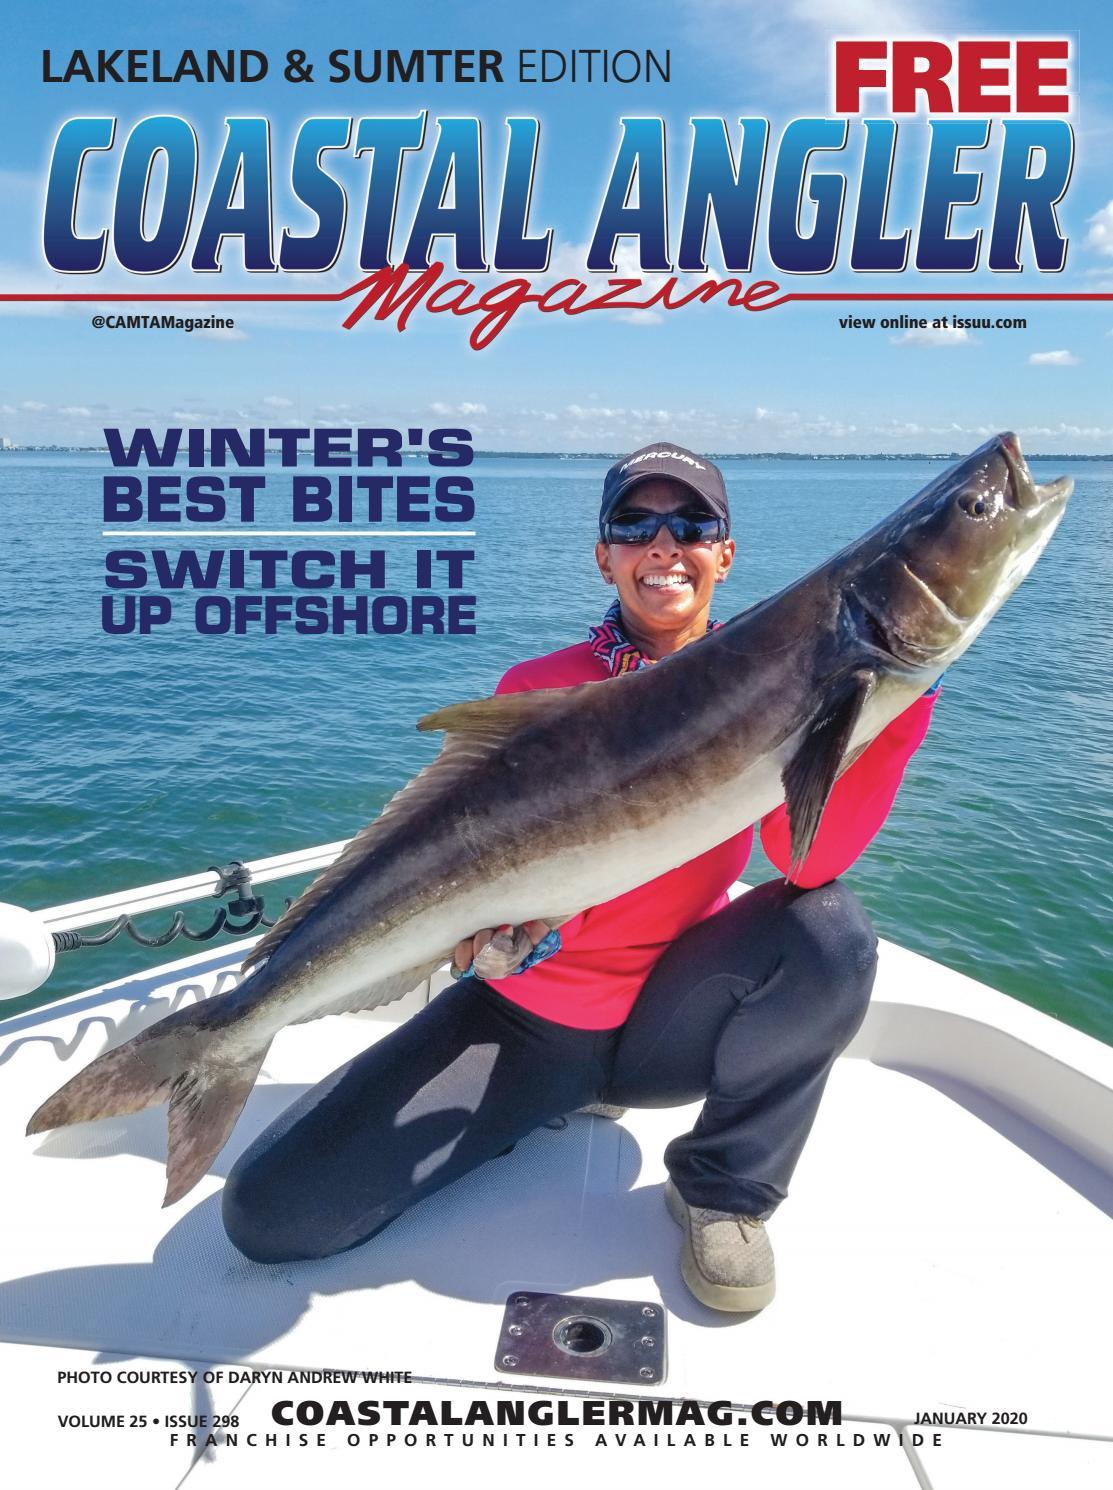 Muddy Muddy Christmas Lakeland Mudhole 2020 Coastal Angler Magazine | January 2020 | Lakeland & Sumter Edition